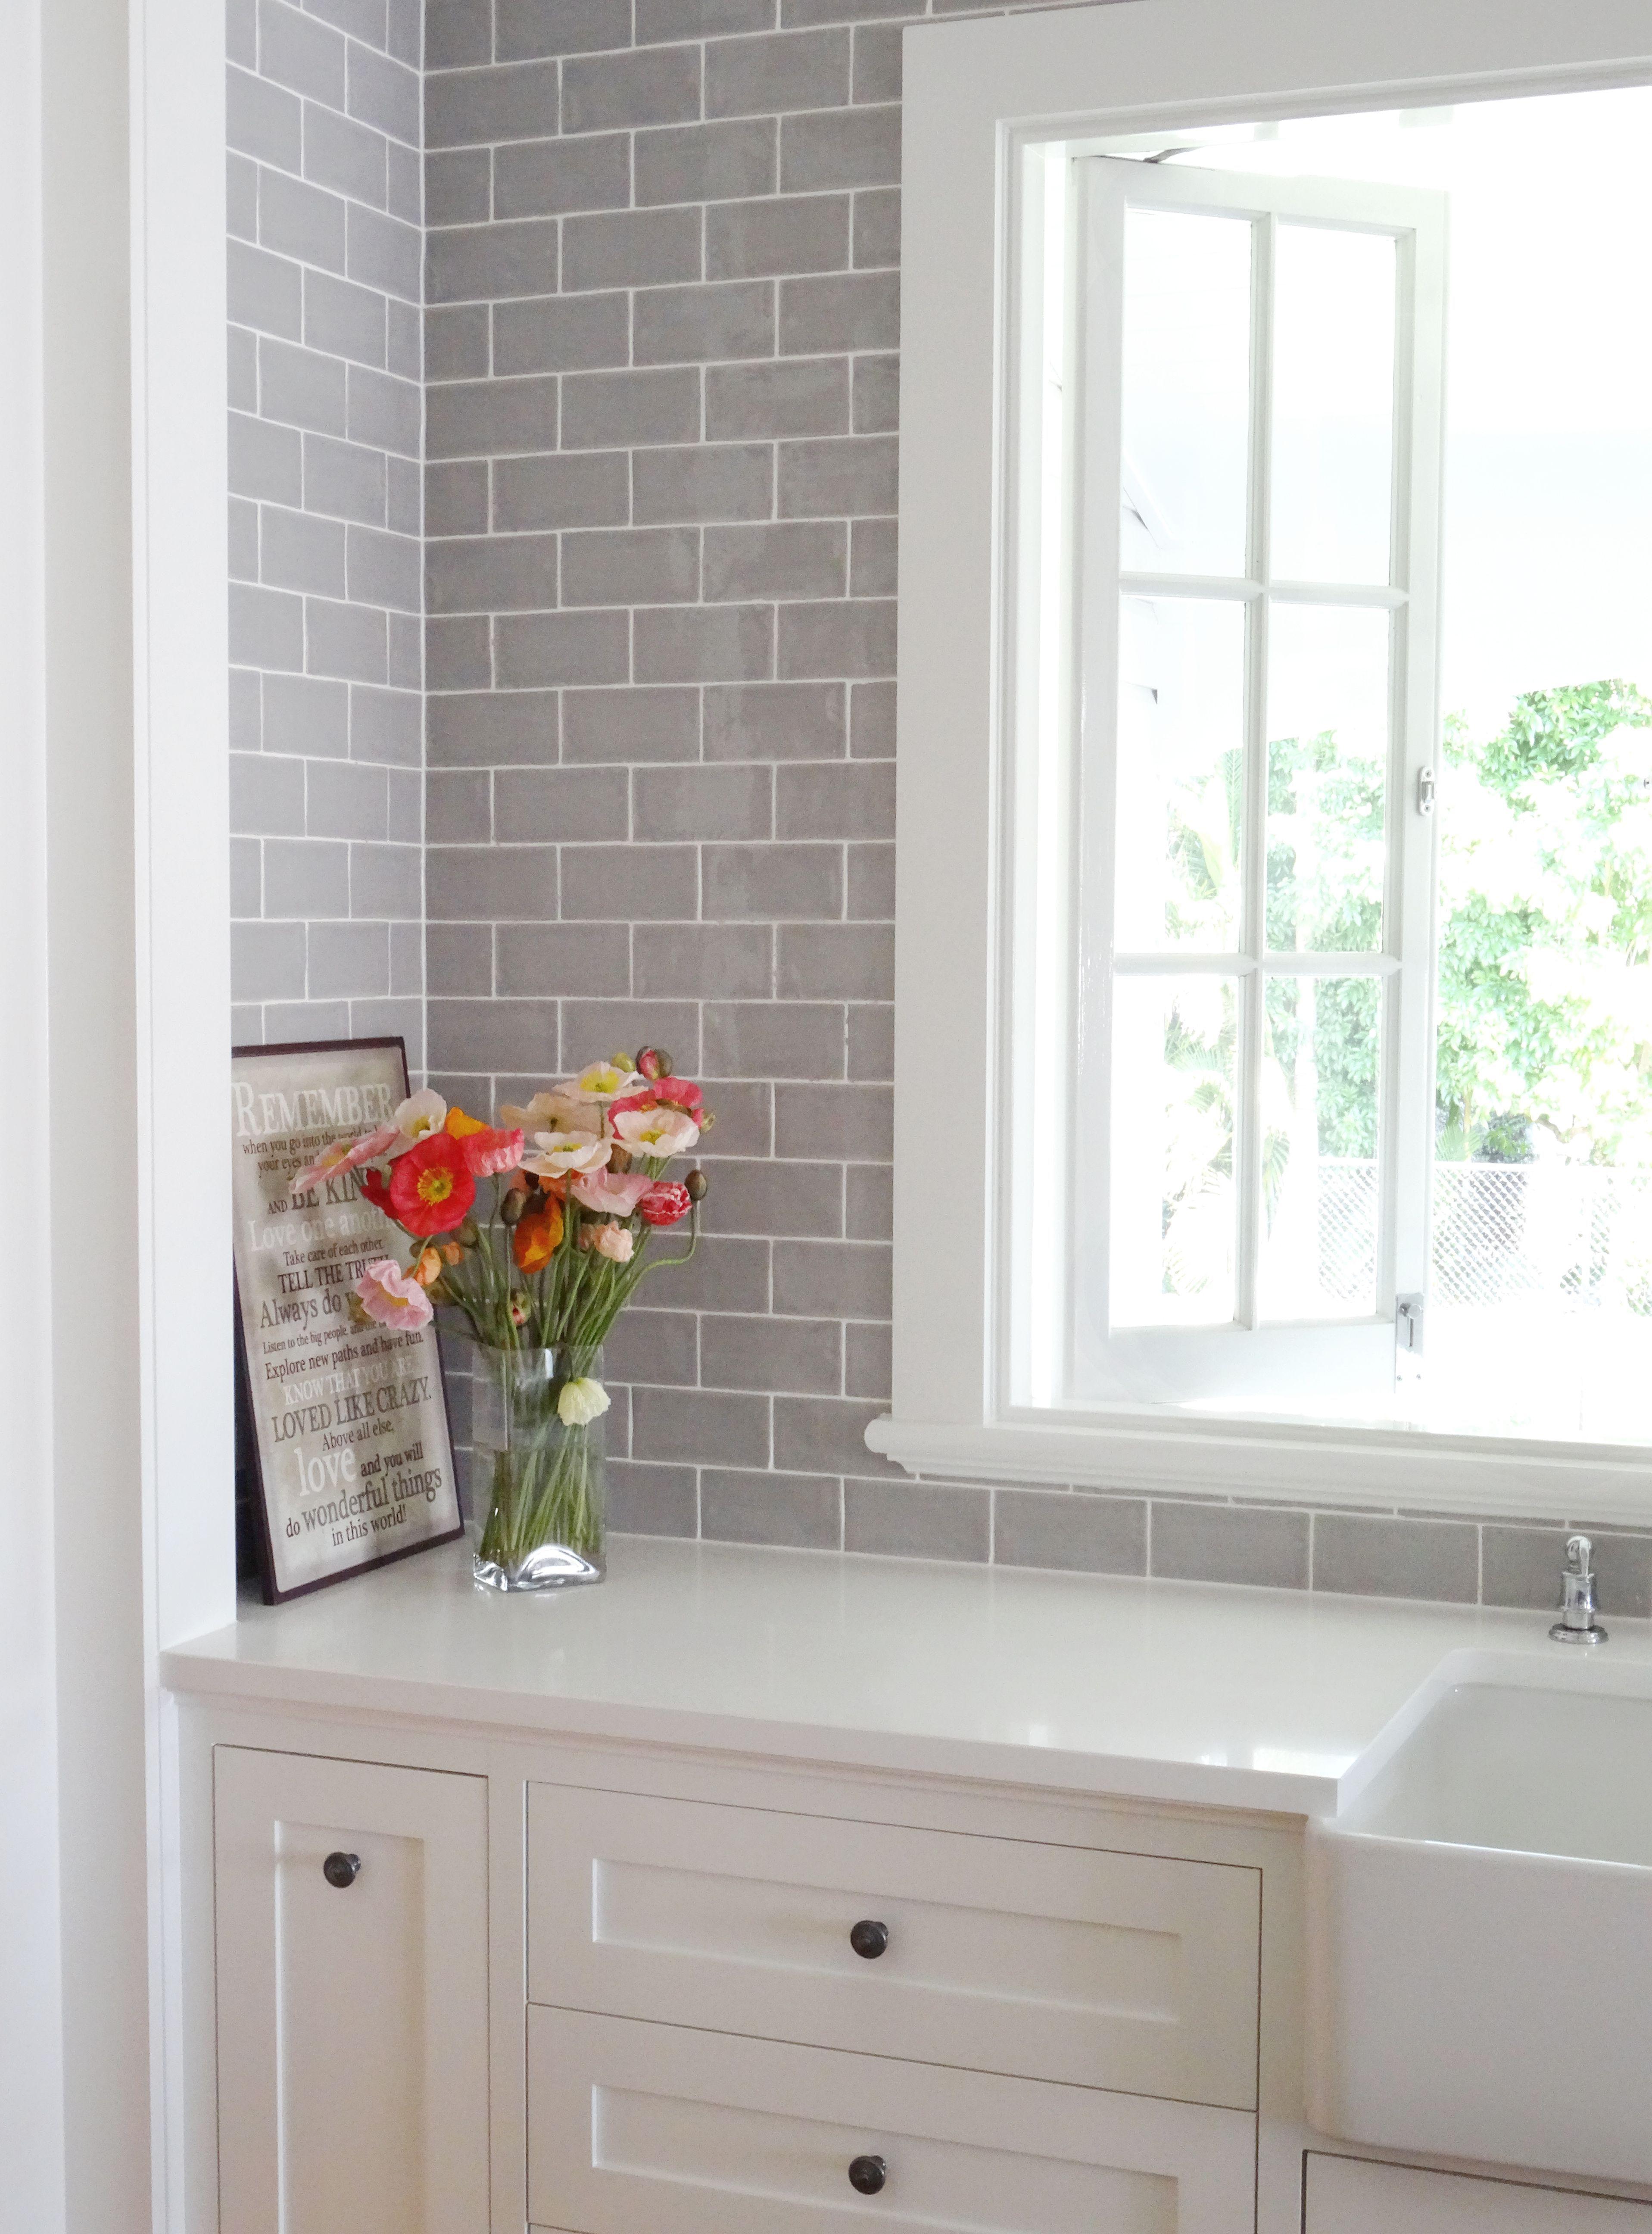 Backsplash around kitchen window  best  decorative kitchen tile ideas  top  final bathroom ideas